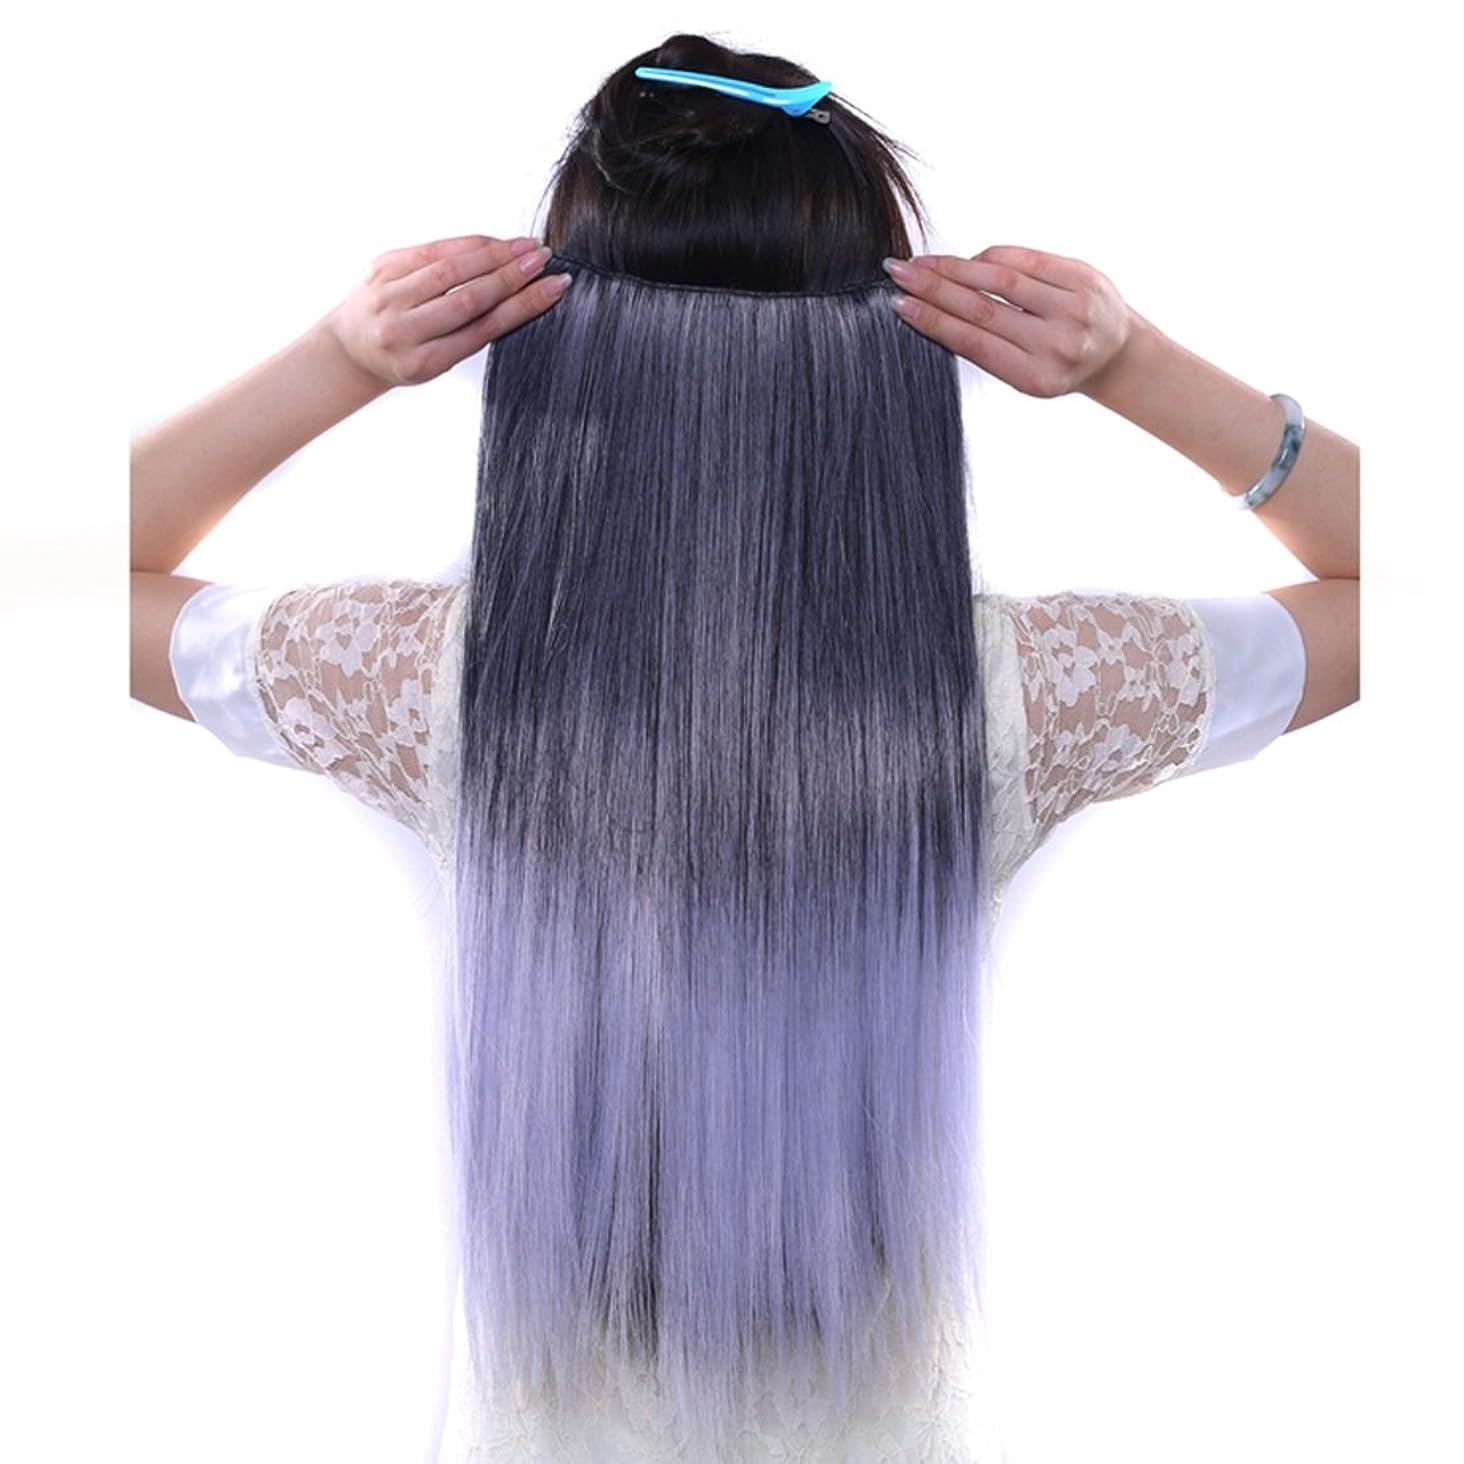 ここに概して提供JIANFU 合成ヘアエクステンションヘアカラーグラデーションウィッグピースで5クリップロングストレートヘアピース60cm (Color : Black gradient purple)